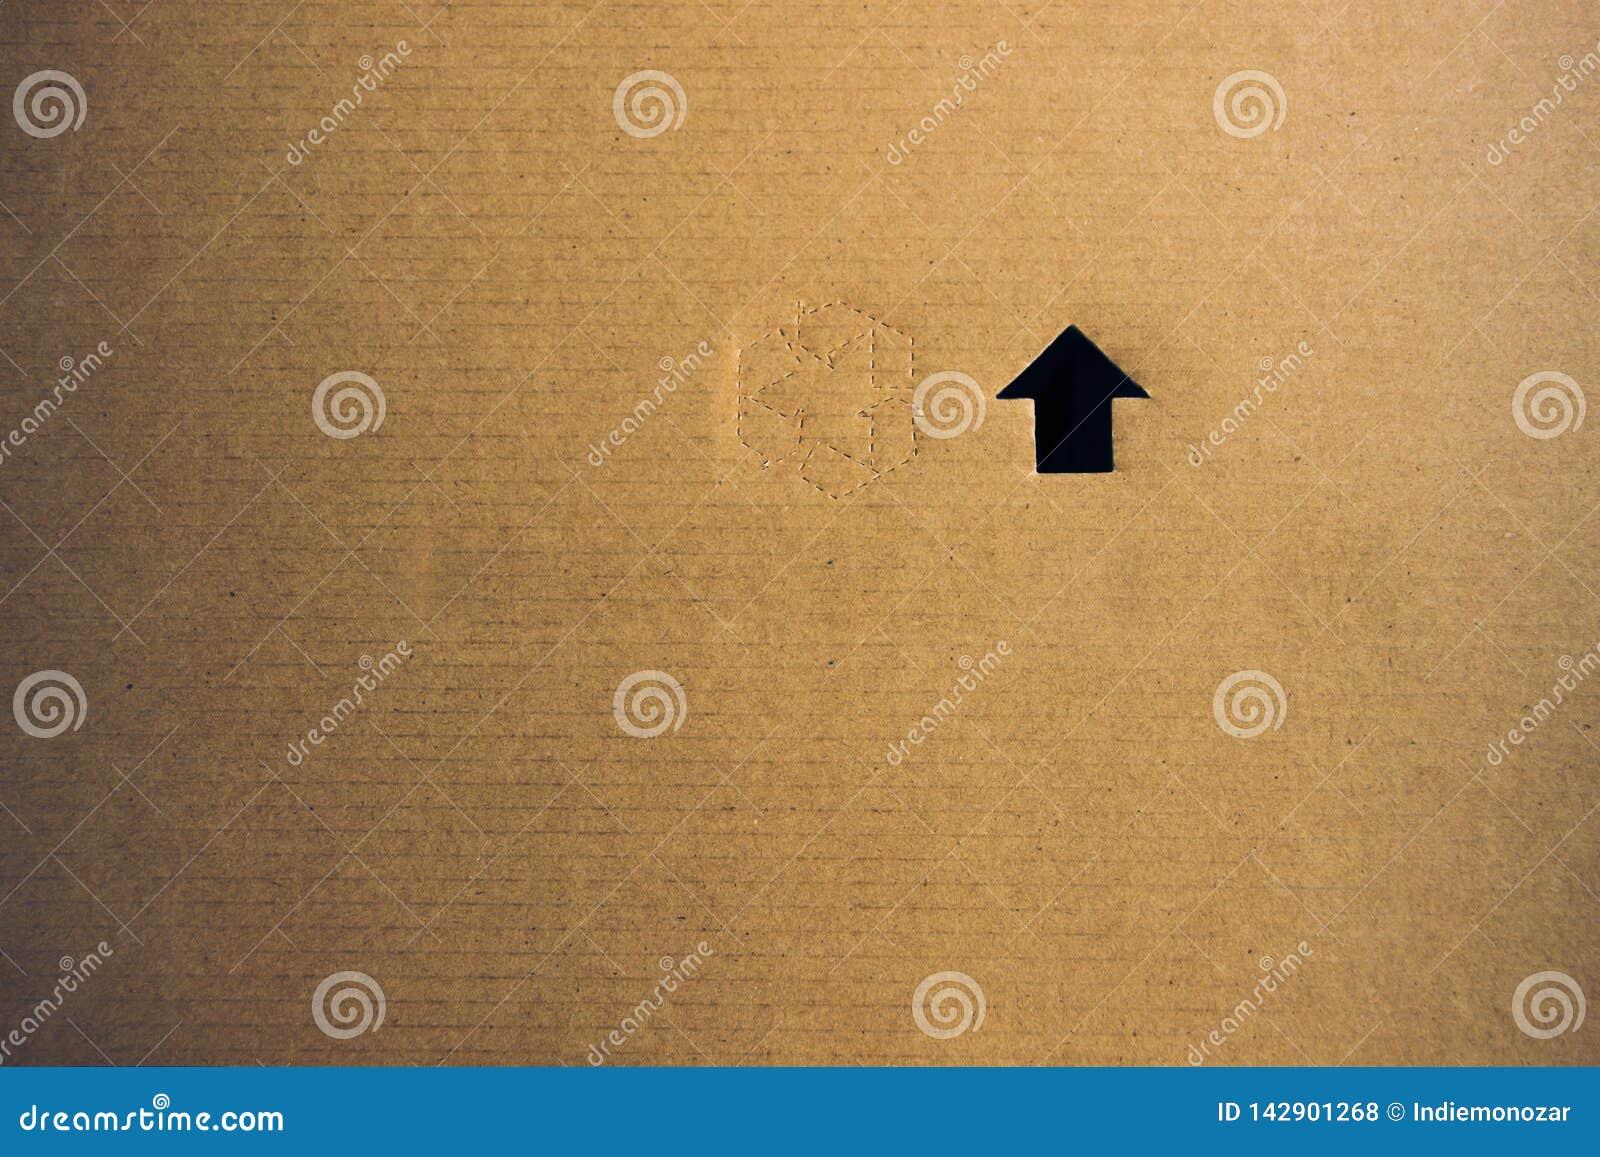 La textura de papel de la cartulina con recicla símbolo como weted con el fondo del agua y un agujero formado flecha